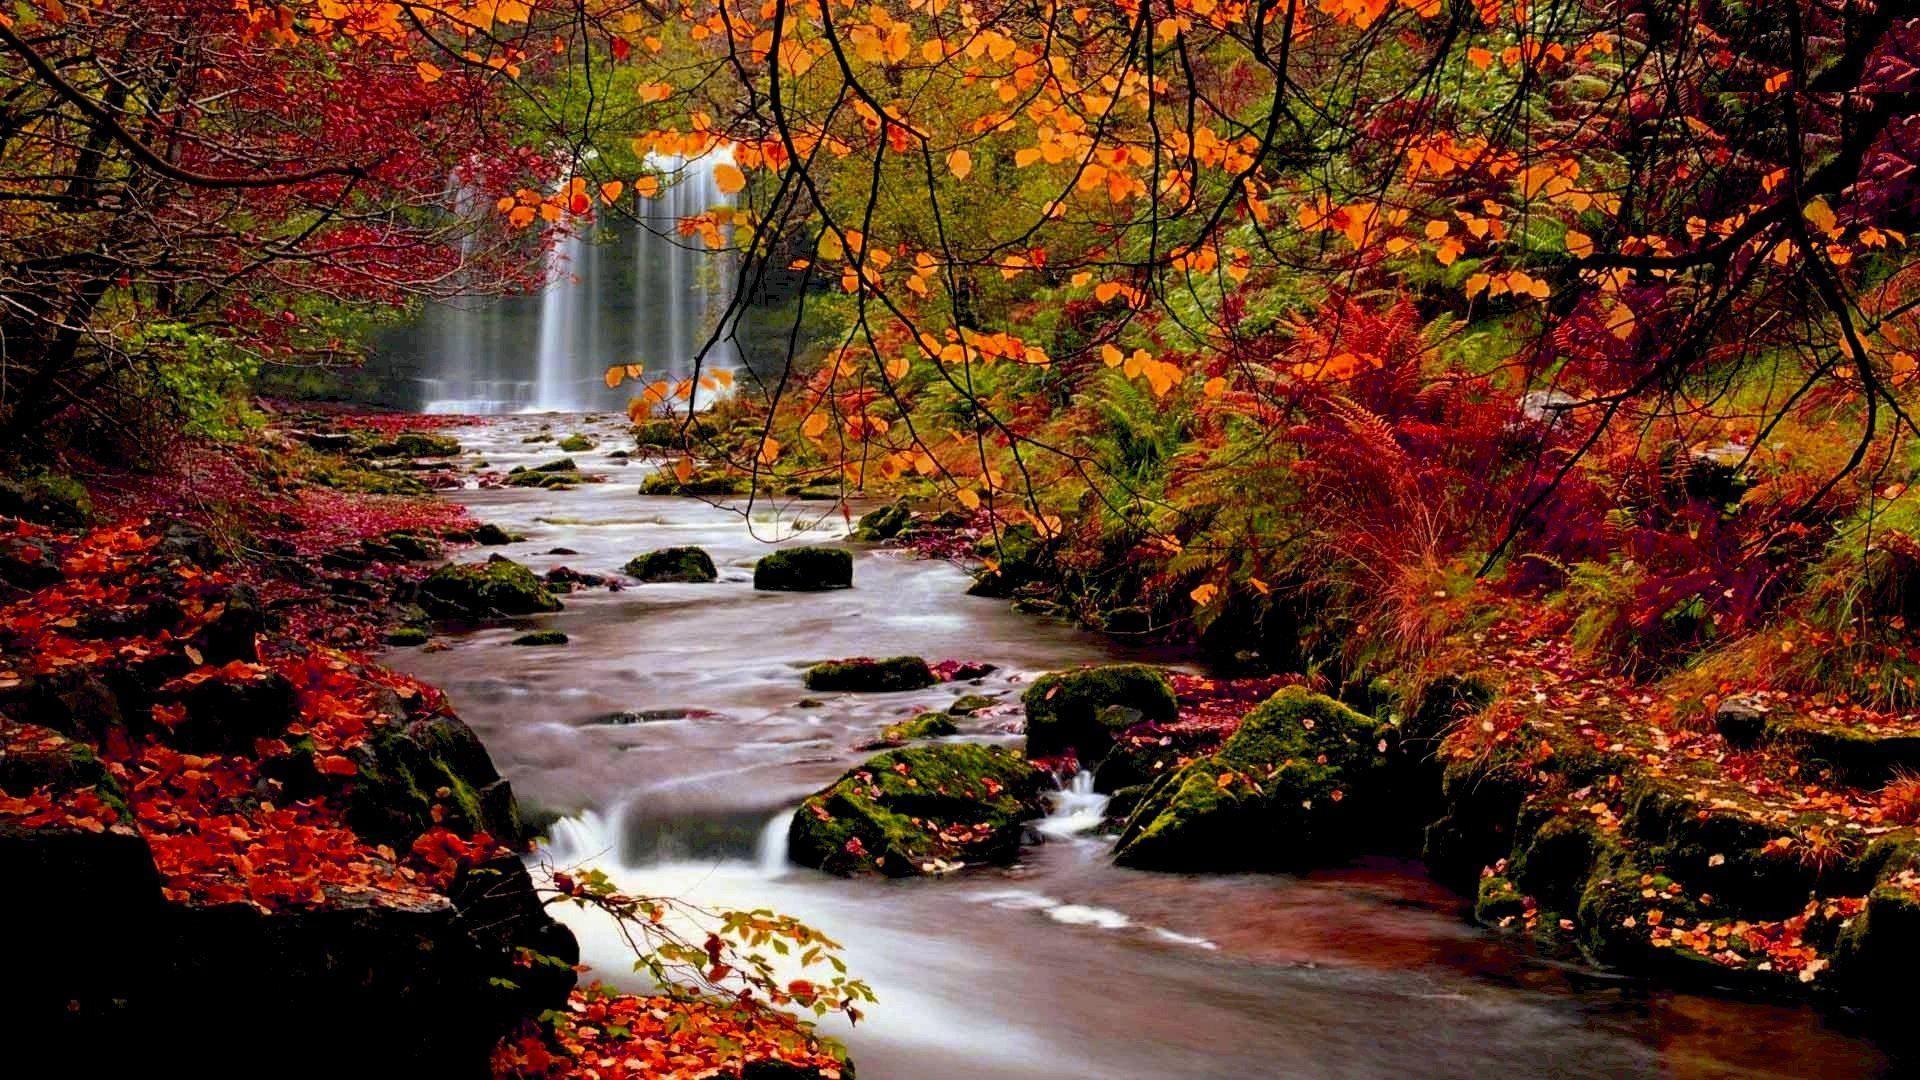 autumn wallpaper 007 free - photo #37